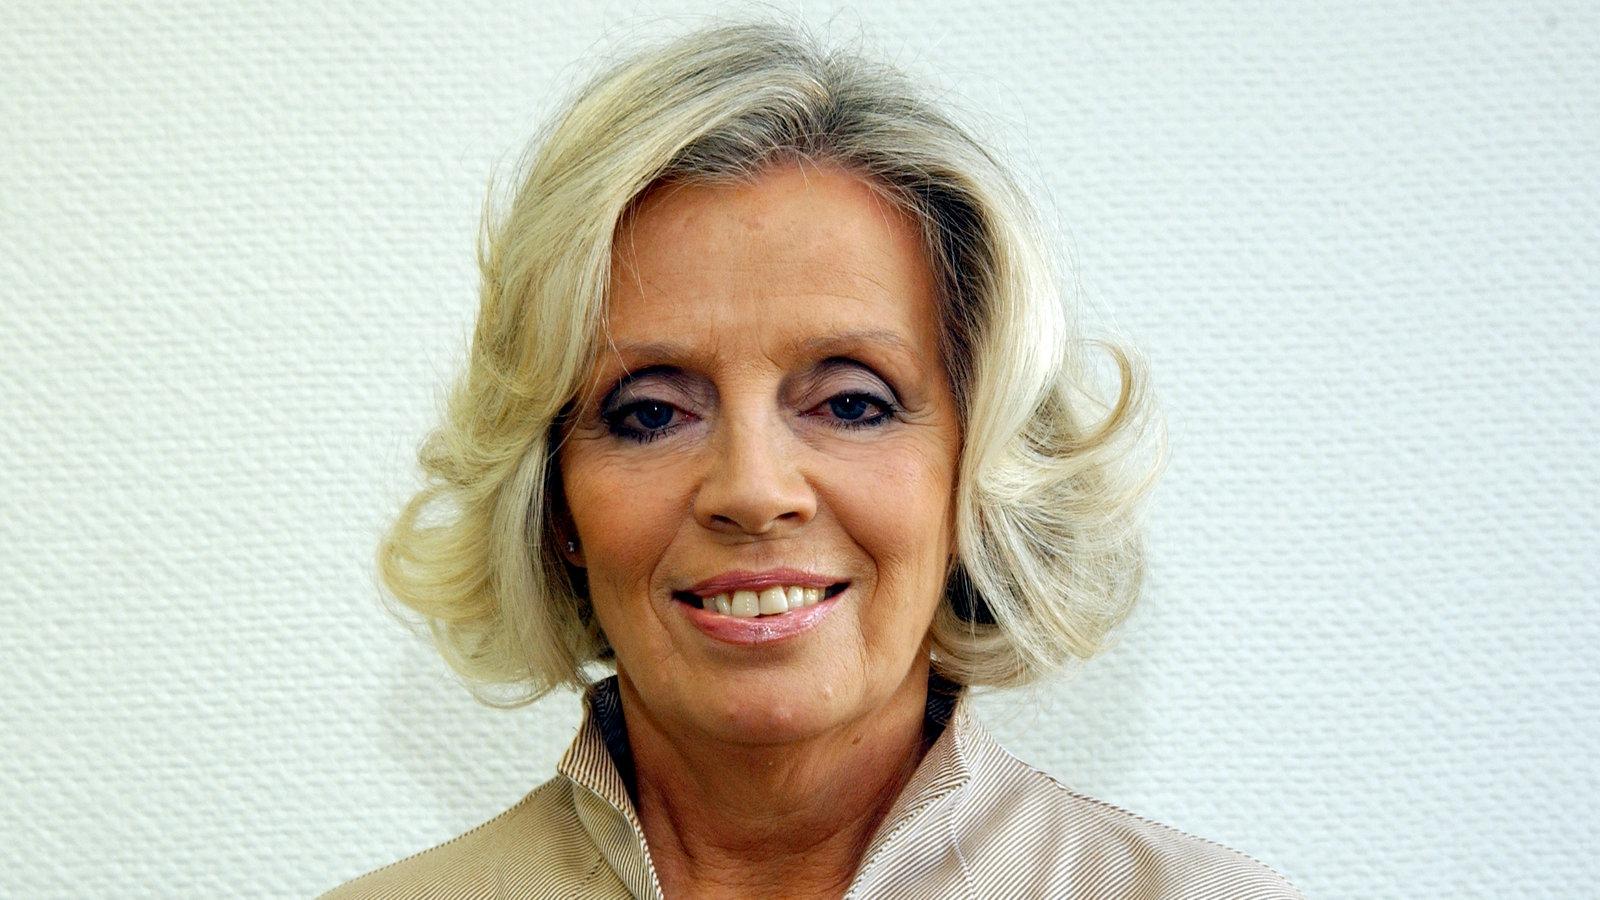 Erlebte Geschichten mit Heidi Mahler - Erlebte Geschichten